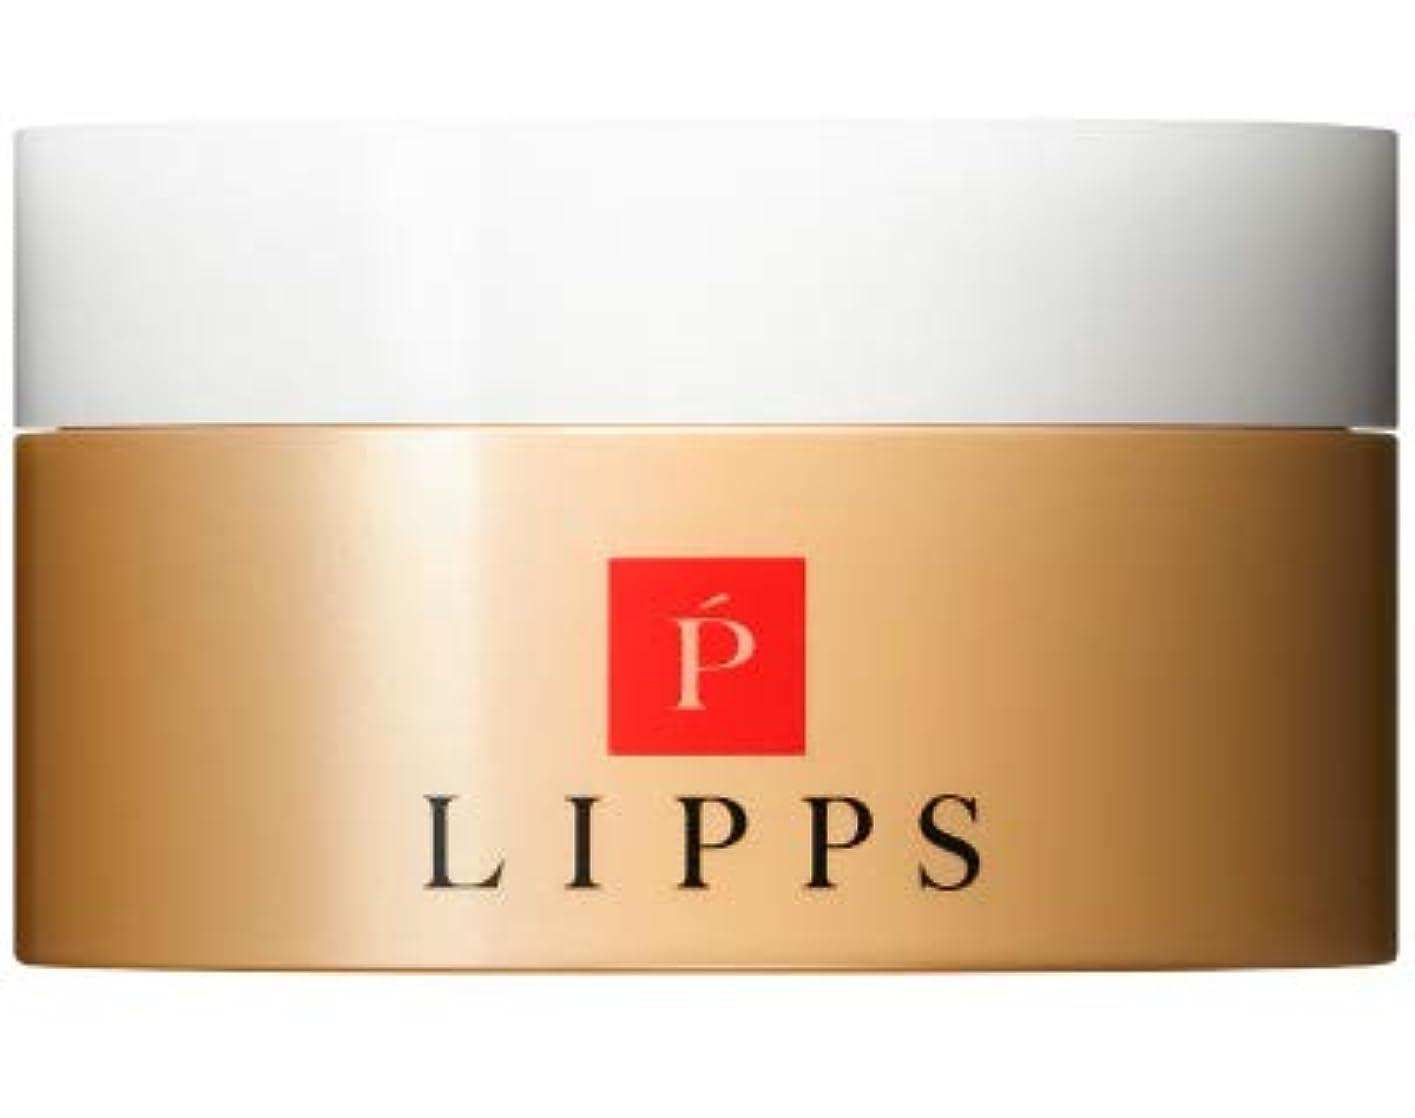 四連鎖解説【ふわっと動く×自由自在な束感】LIPPS L12フリーキープワックス (85g)